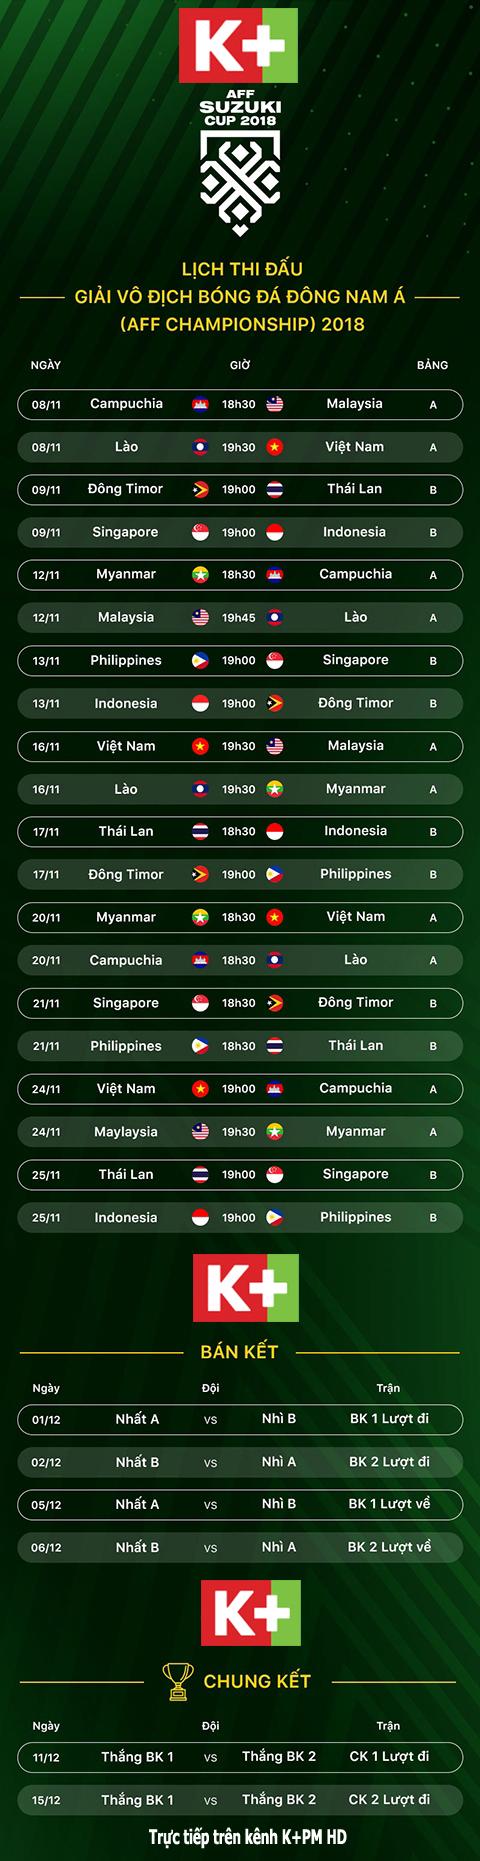 lịch thi đấu AFF Suzuki Cup, truyền hình K+, bóng đá, đội tuyển Việt Nam